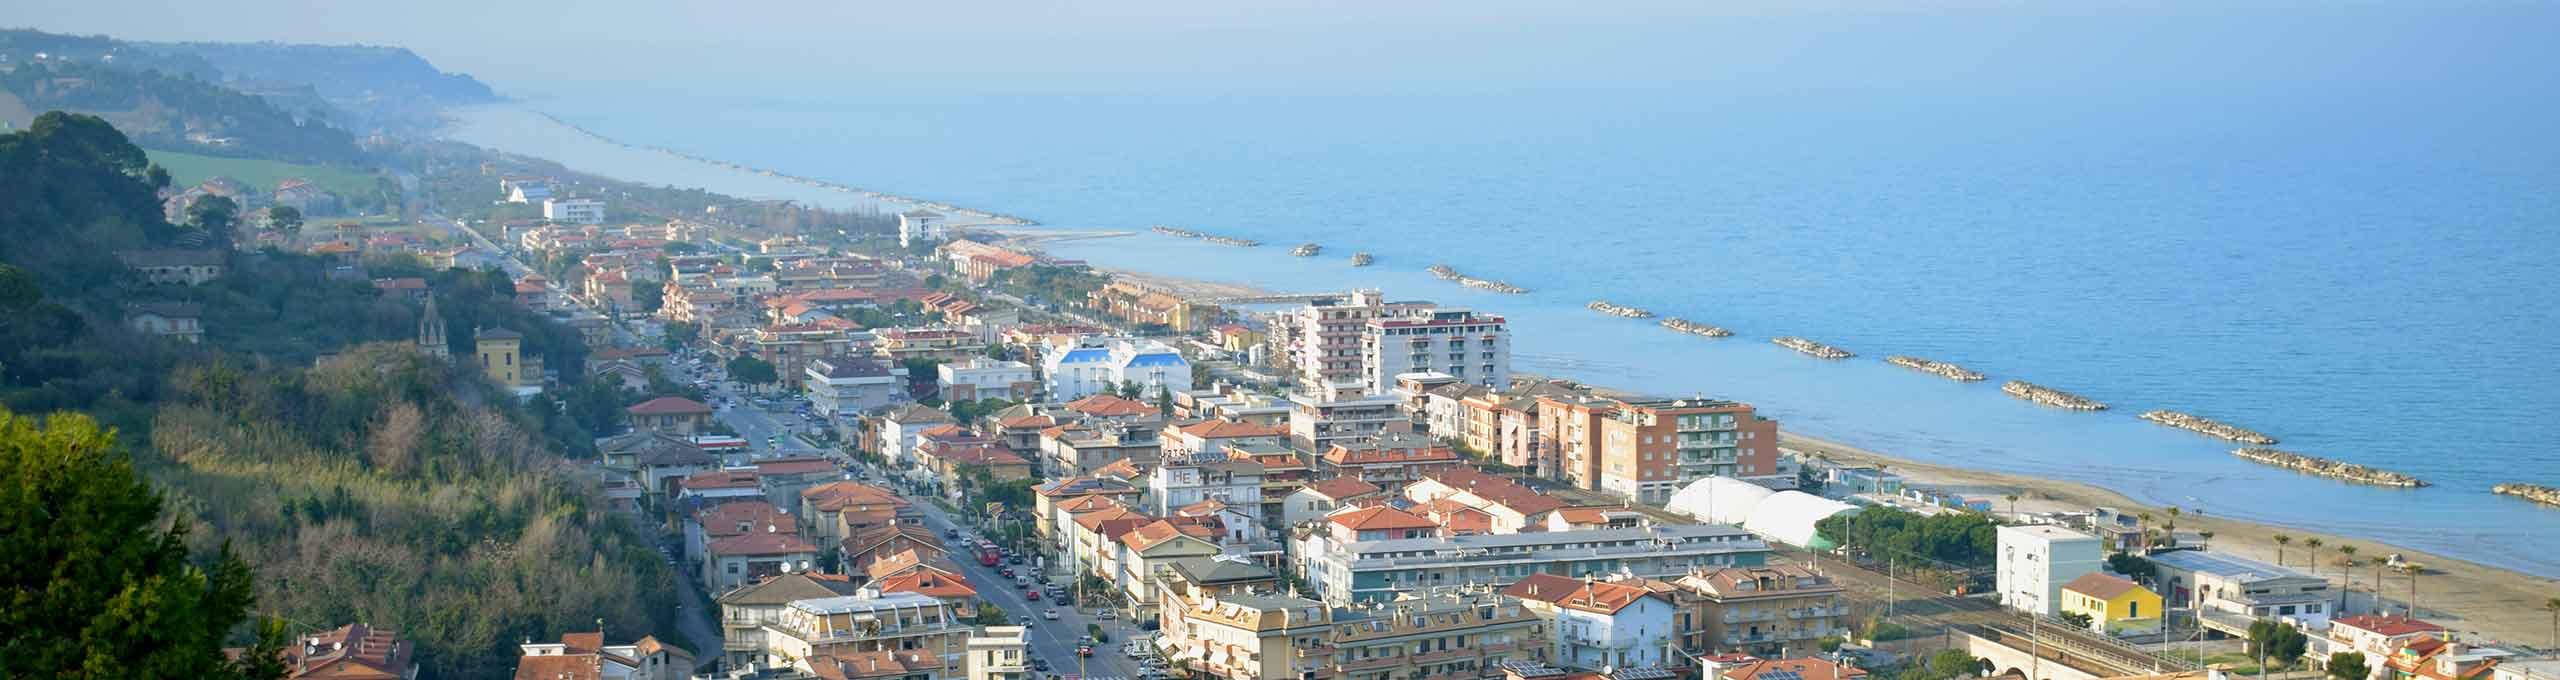 Cupra Marittima, litorale di Ascoli Piceno